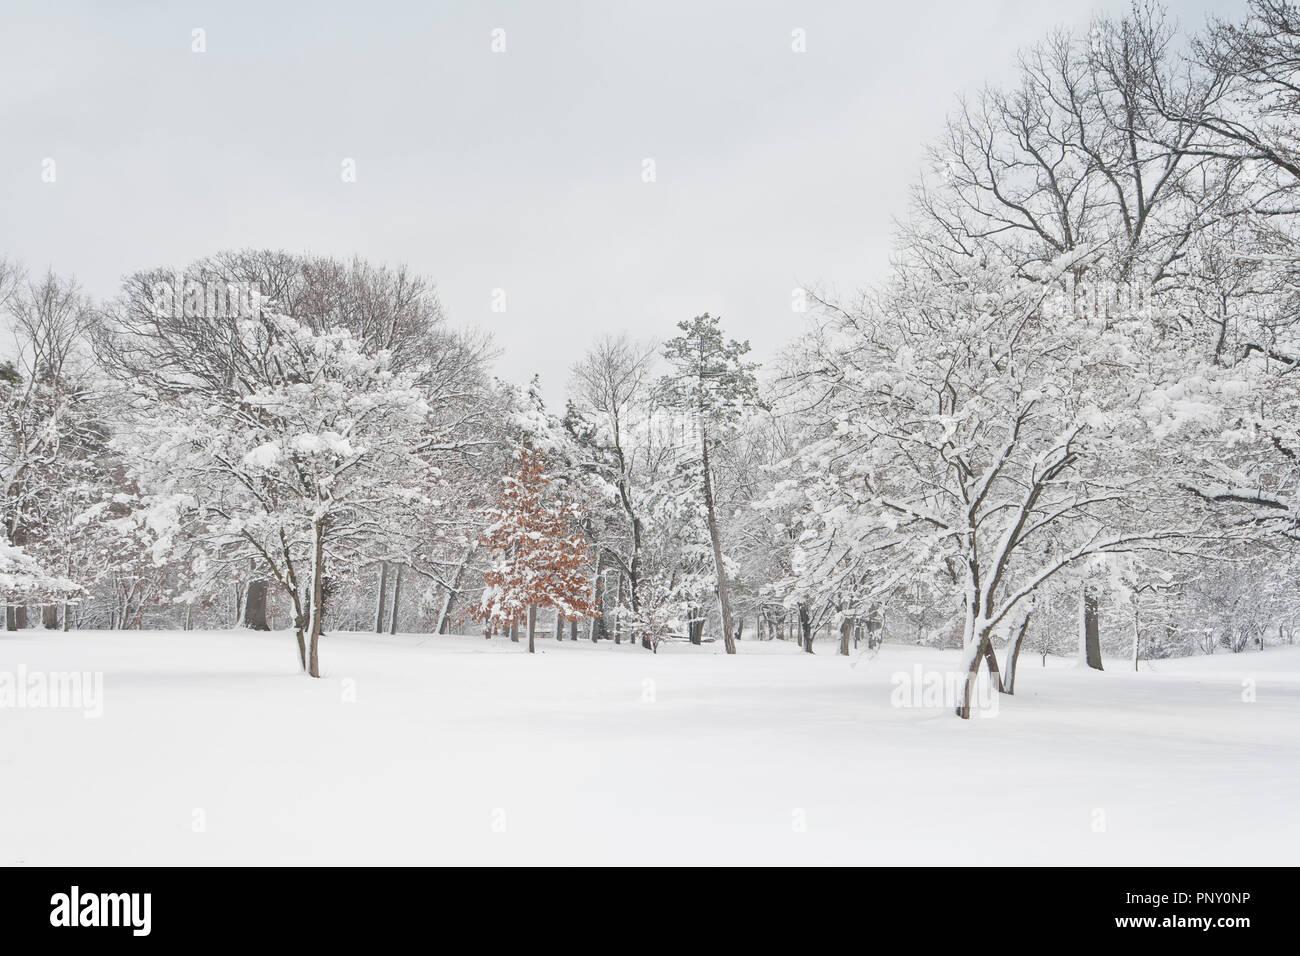 Snow Sticking To Trees Stock Photos & Snow Sticking To Trees